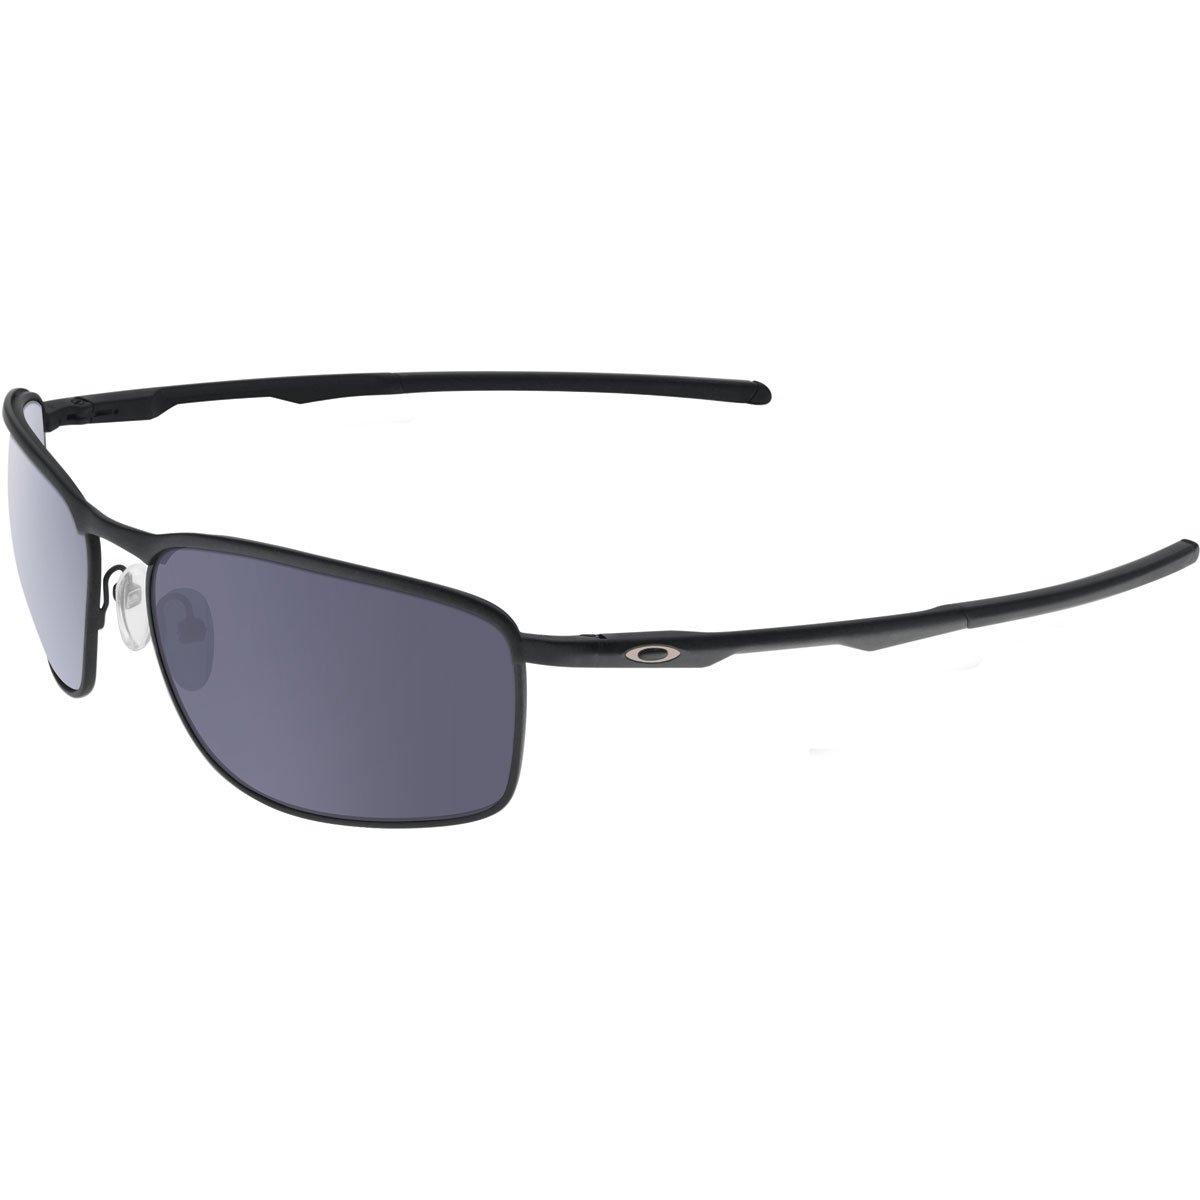 Oakley Conductor Gafas de sol, Negro Mate, 60 Unisex: Amazon ...